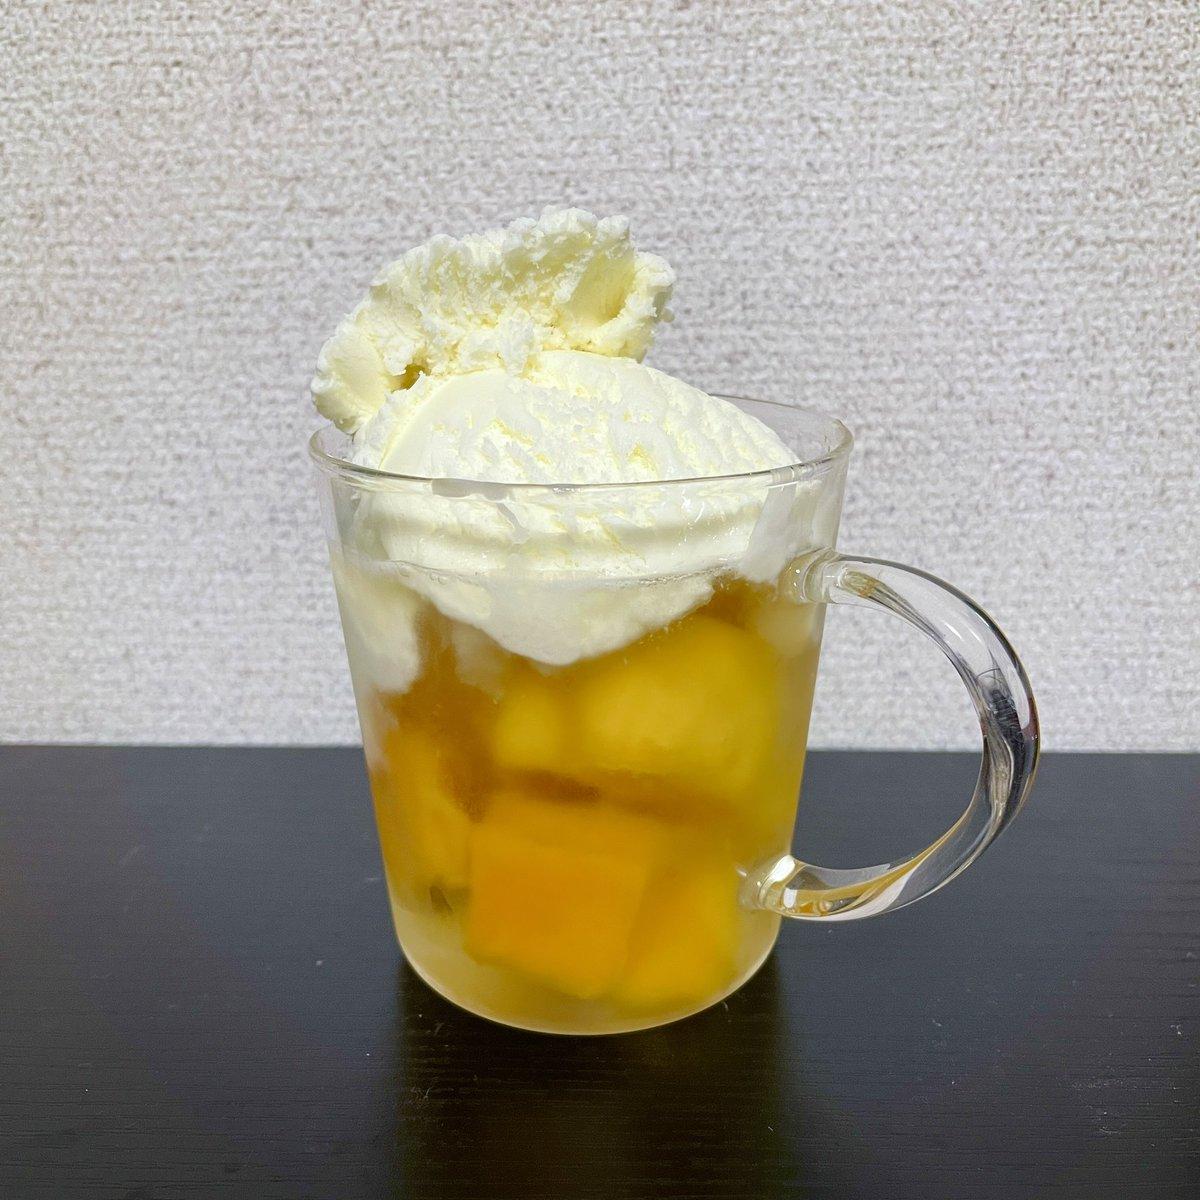 え…はちみつ酒に氷代わりの冷凍マンゴーを入れてアイスを載せれば最高ってコト…